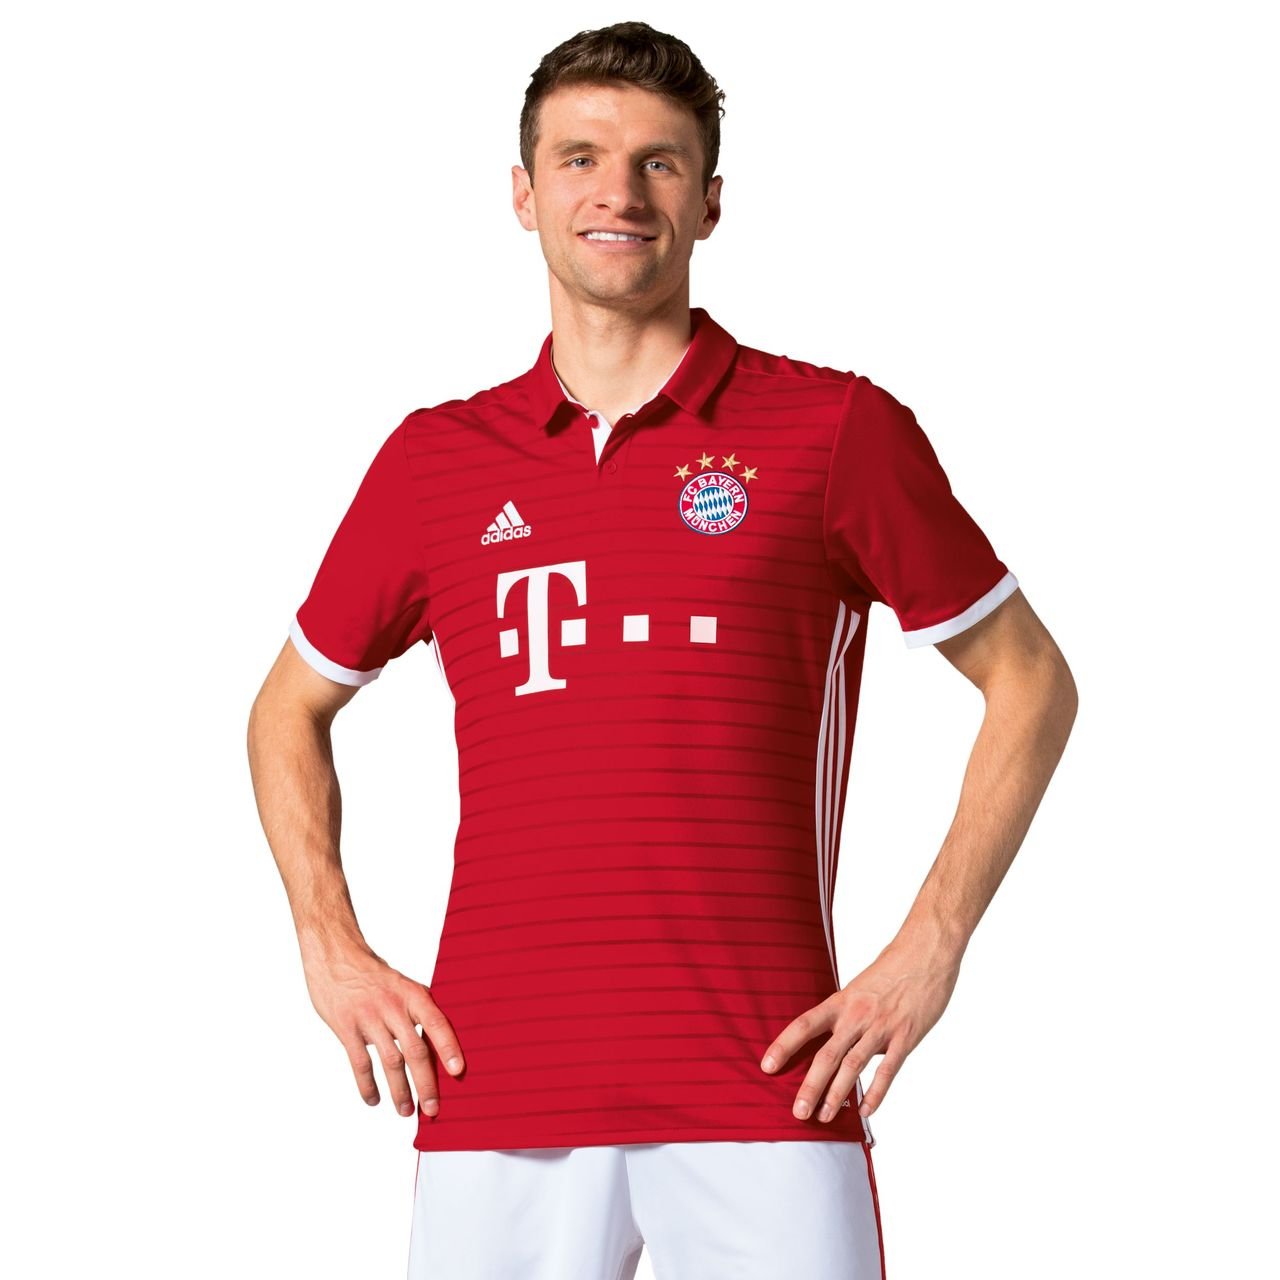 Uniforme del Bayern de Múnich para la temporada 2016/2017 (FC BAYERN).